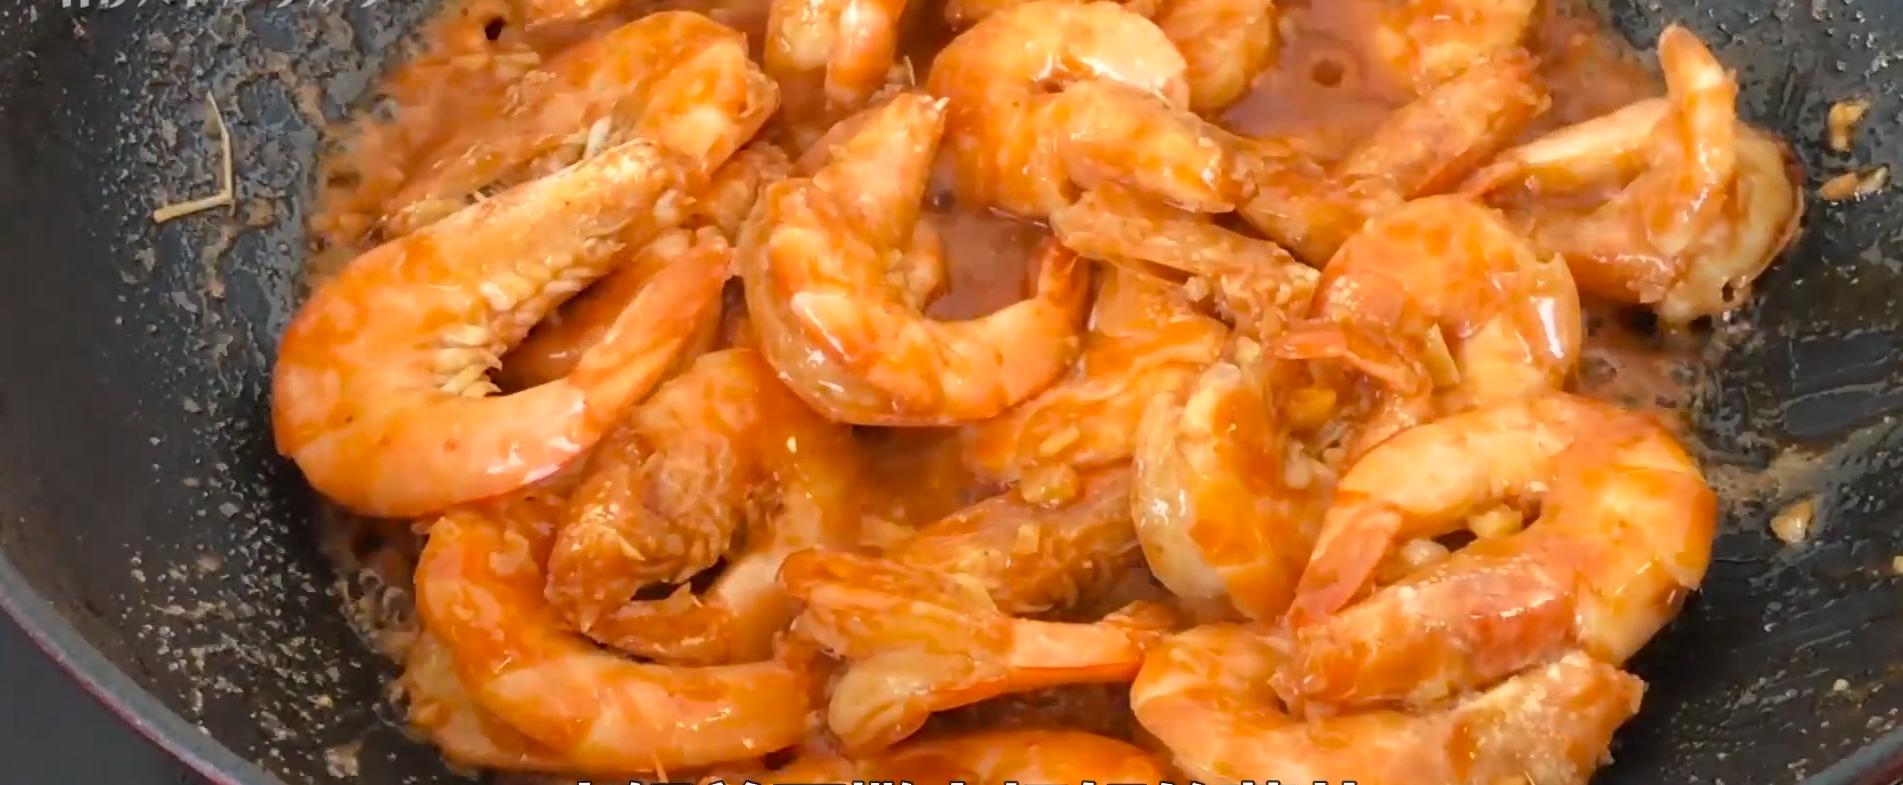 做大虾时,不要直接用水煮,教你正确做法,虾肉鲜嫩入味超好吃 美食做法 第14张